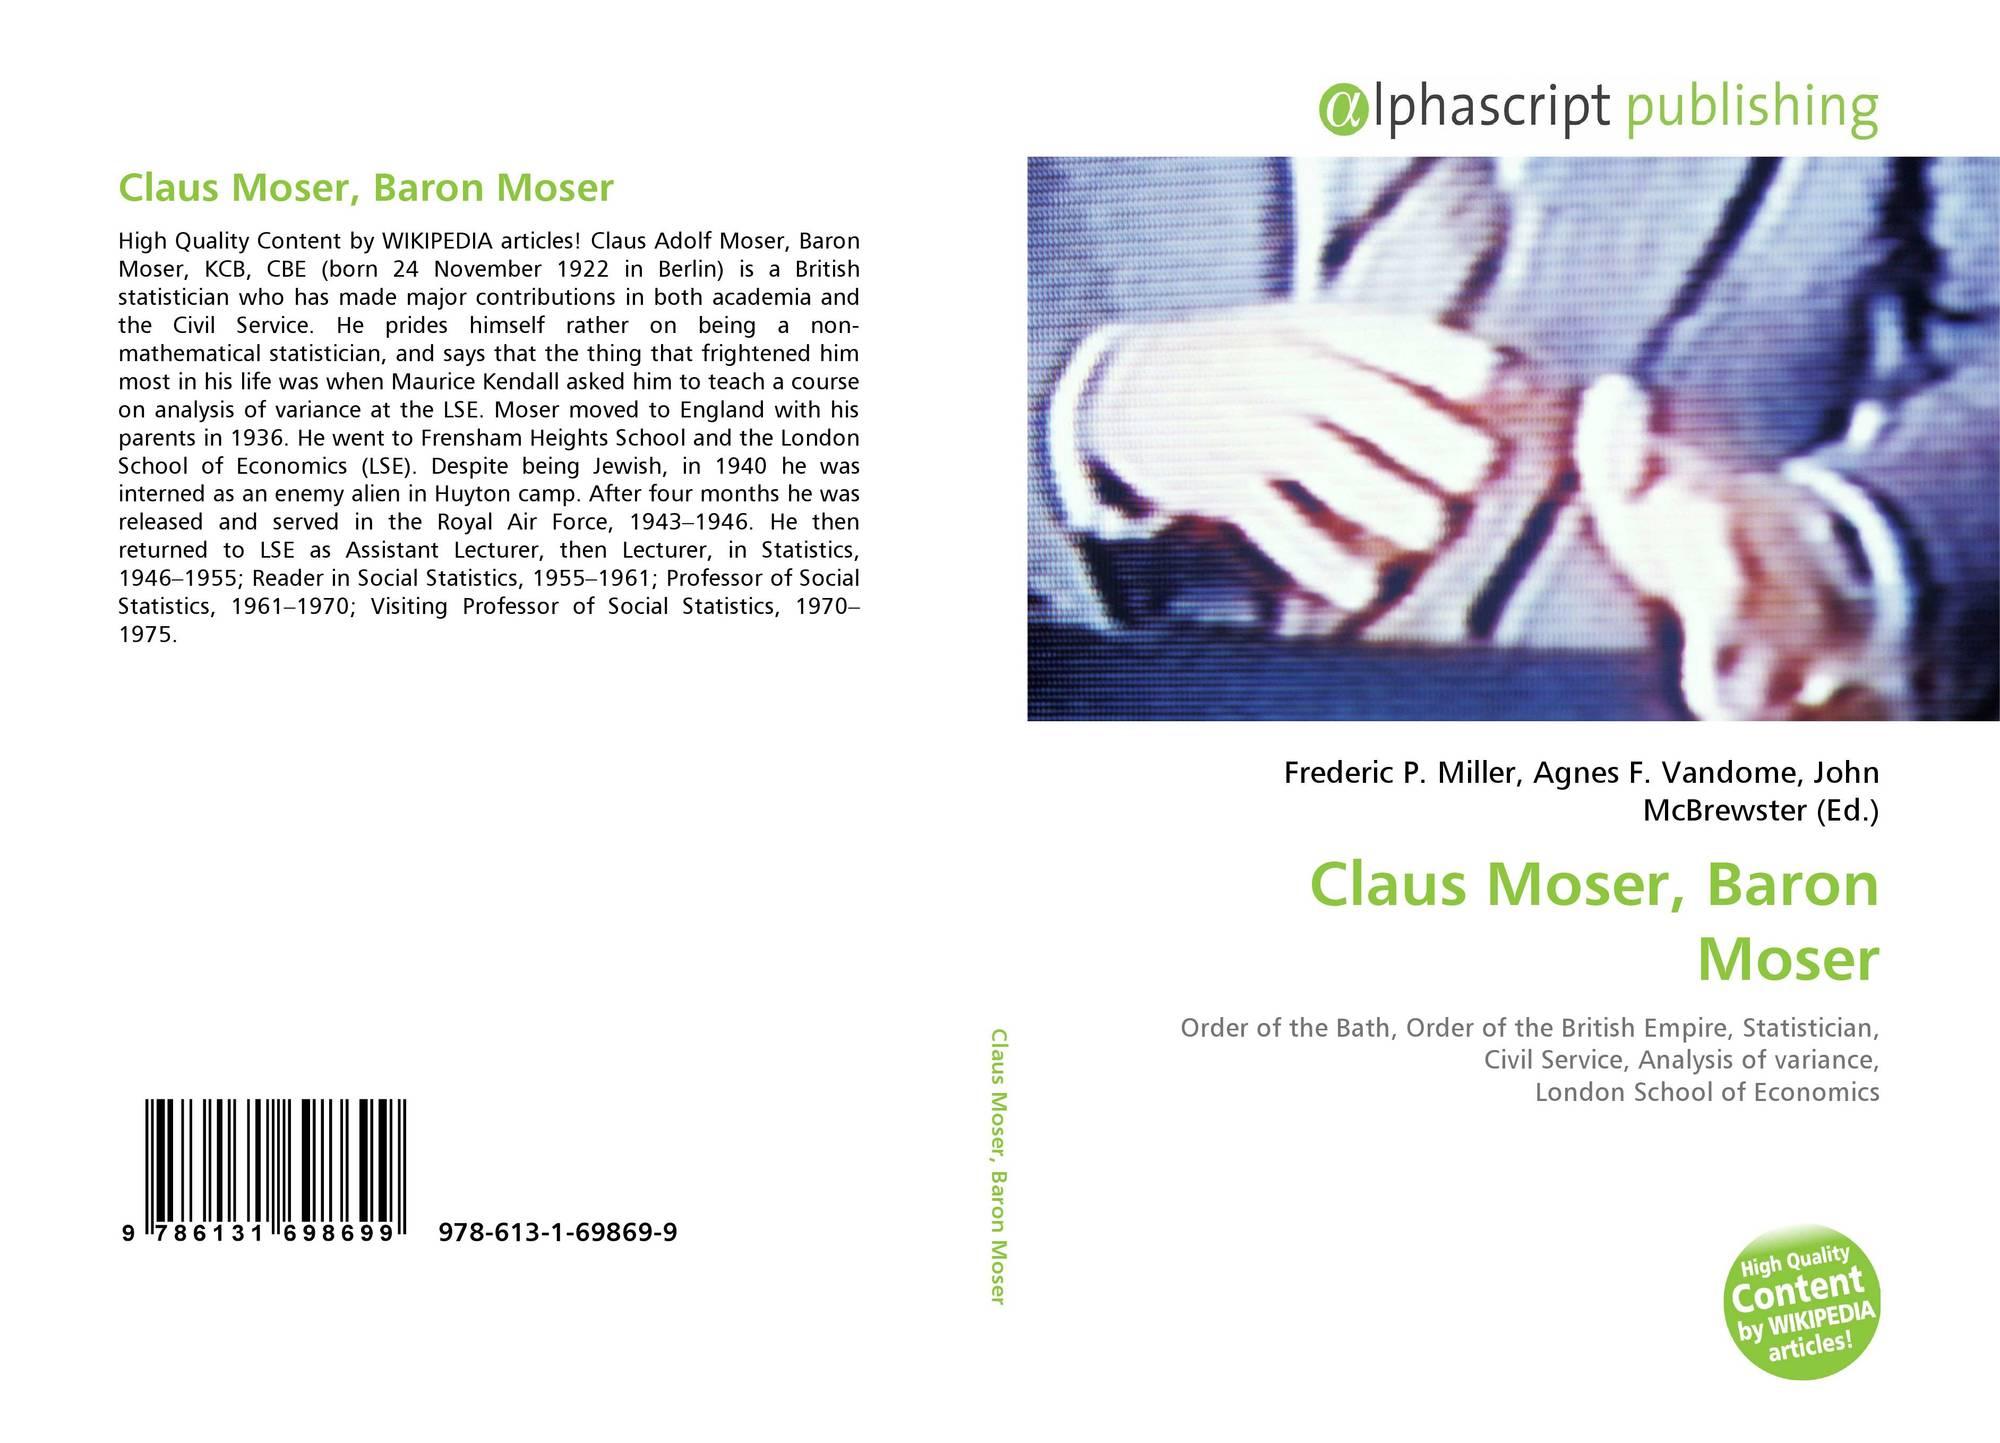 Claus Moser, Baron Moser